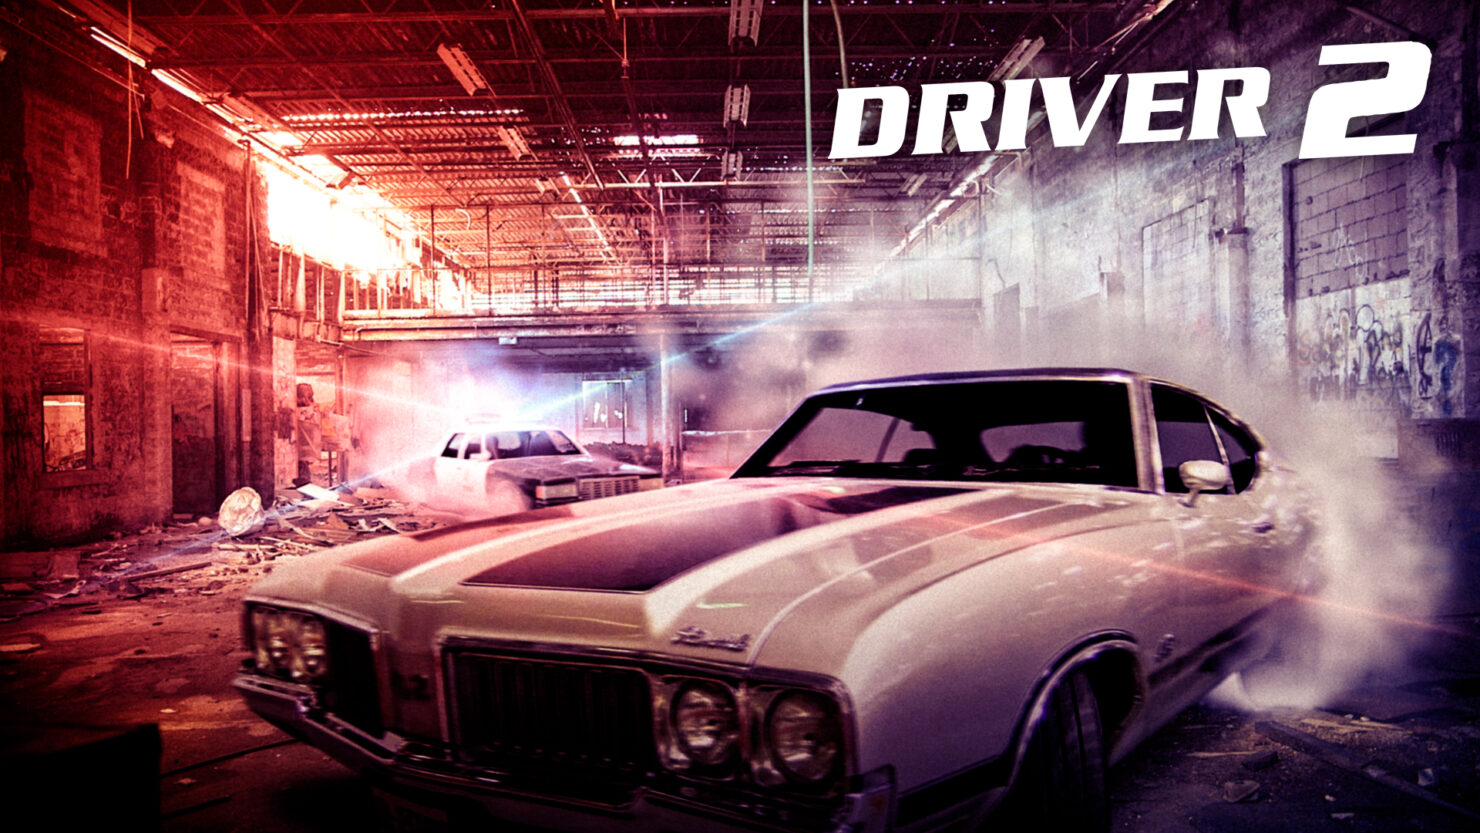 redriver 2 driver 2